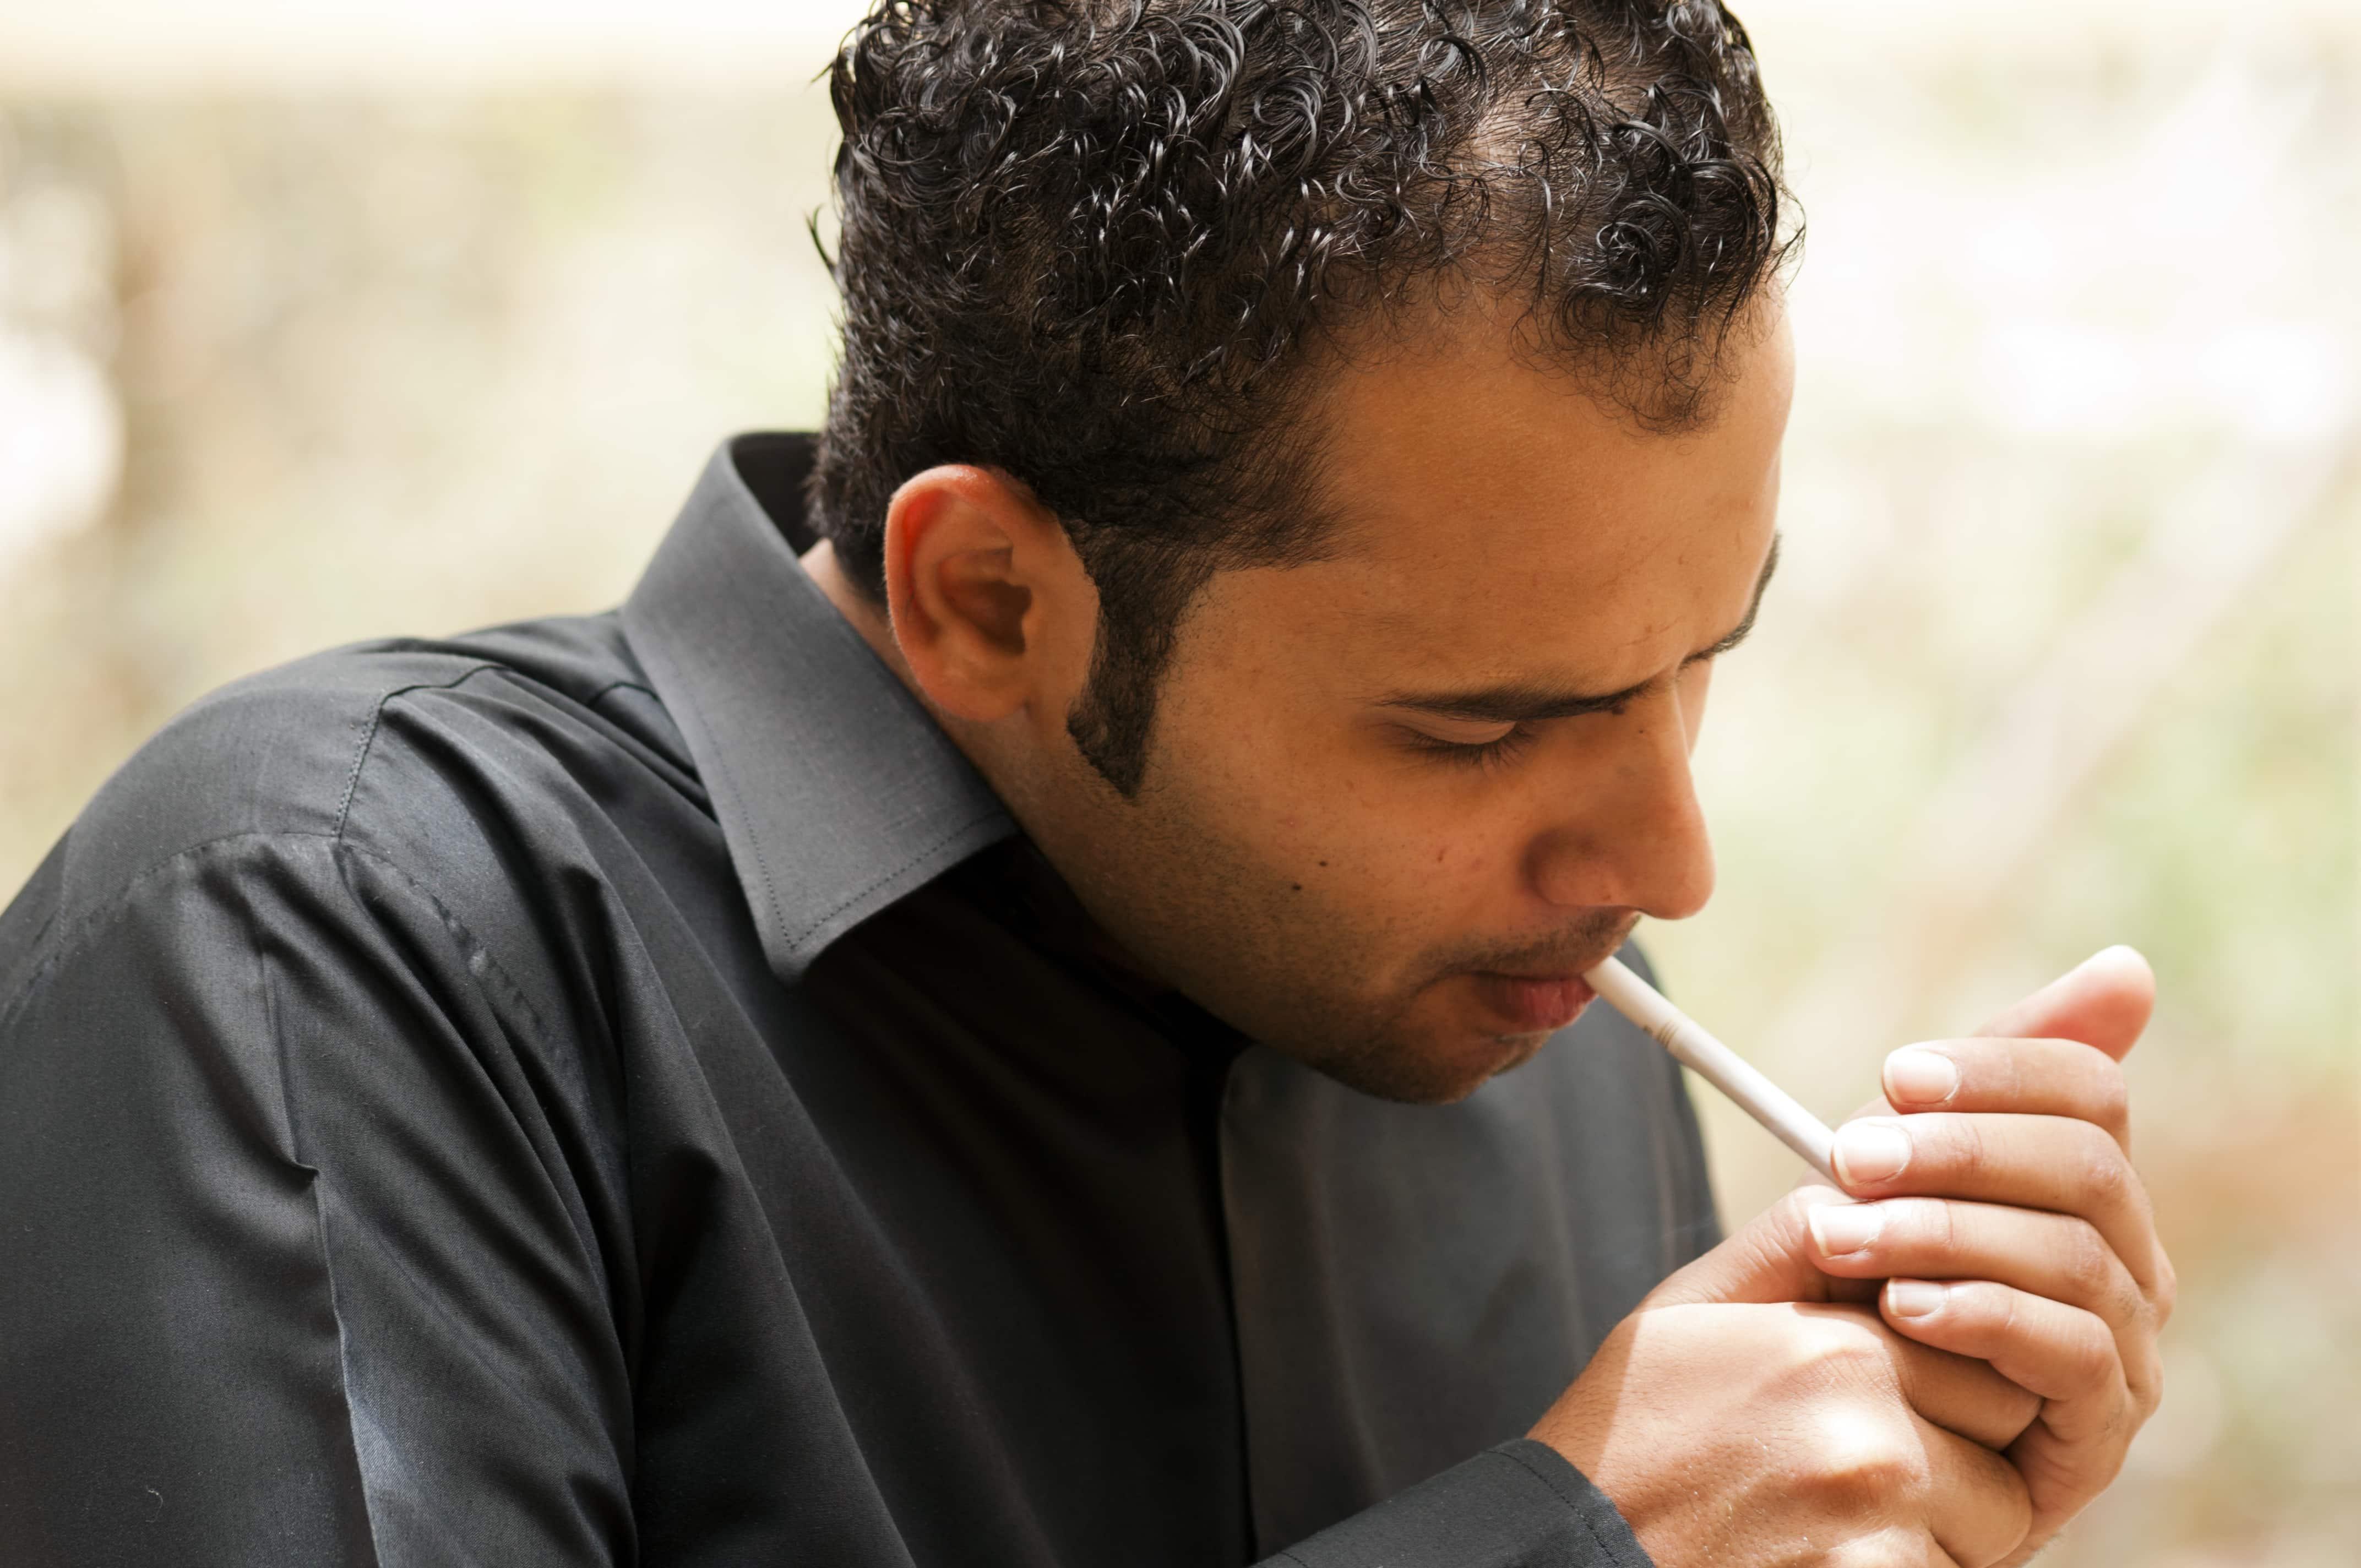 Курение разрушает мужскую хромосому, провоцируя развитие рака